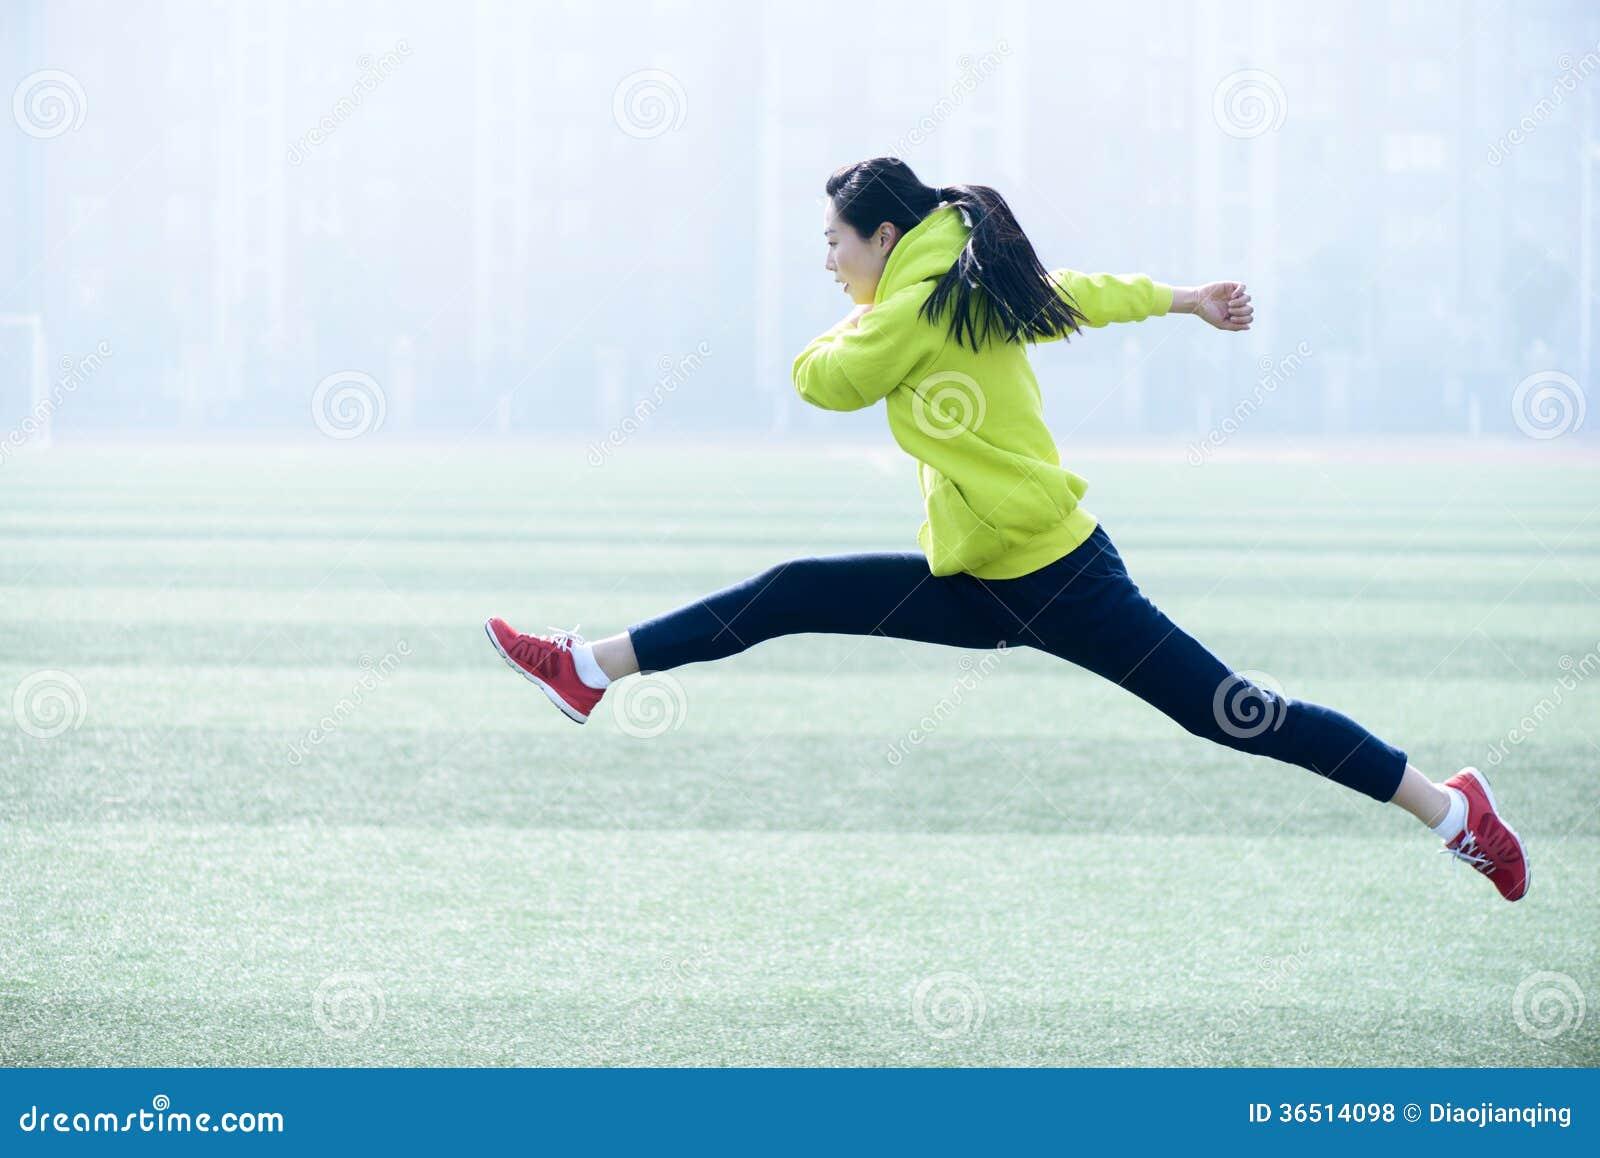 Vêtements de sport verts de port sautants de jolie jeune femme.